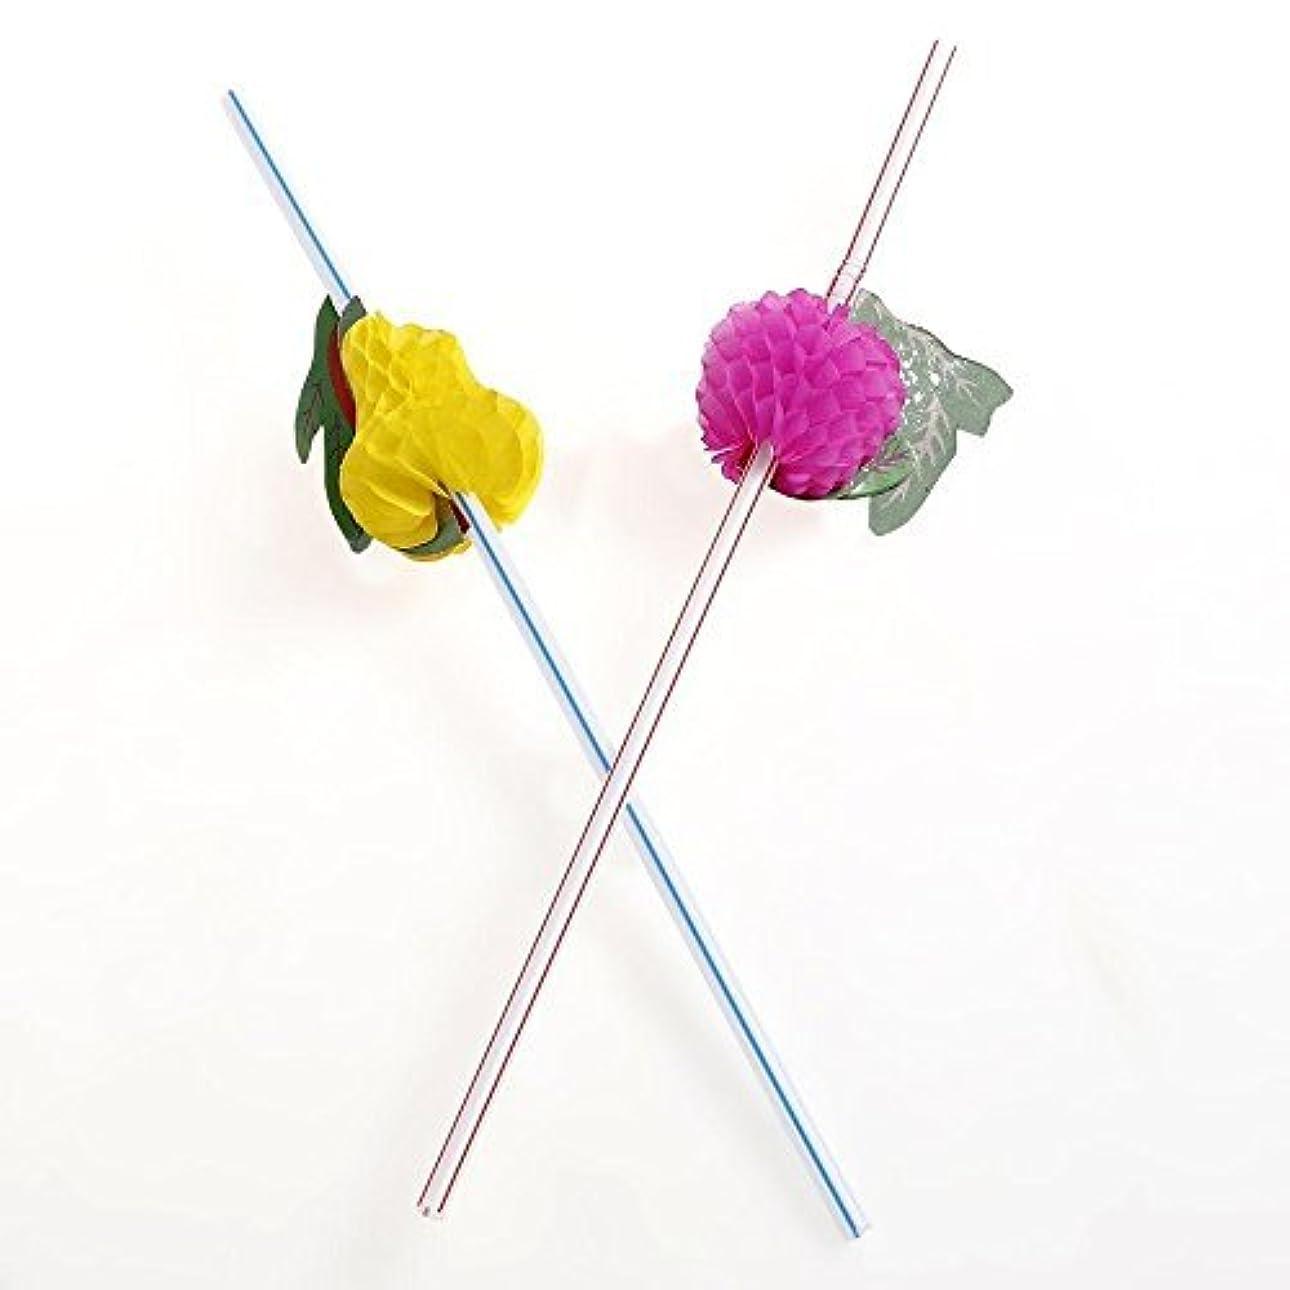 発信カップシガレット誕生日パーティーのための多彩なフルーツストロー